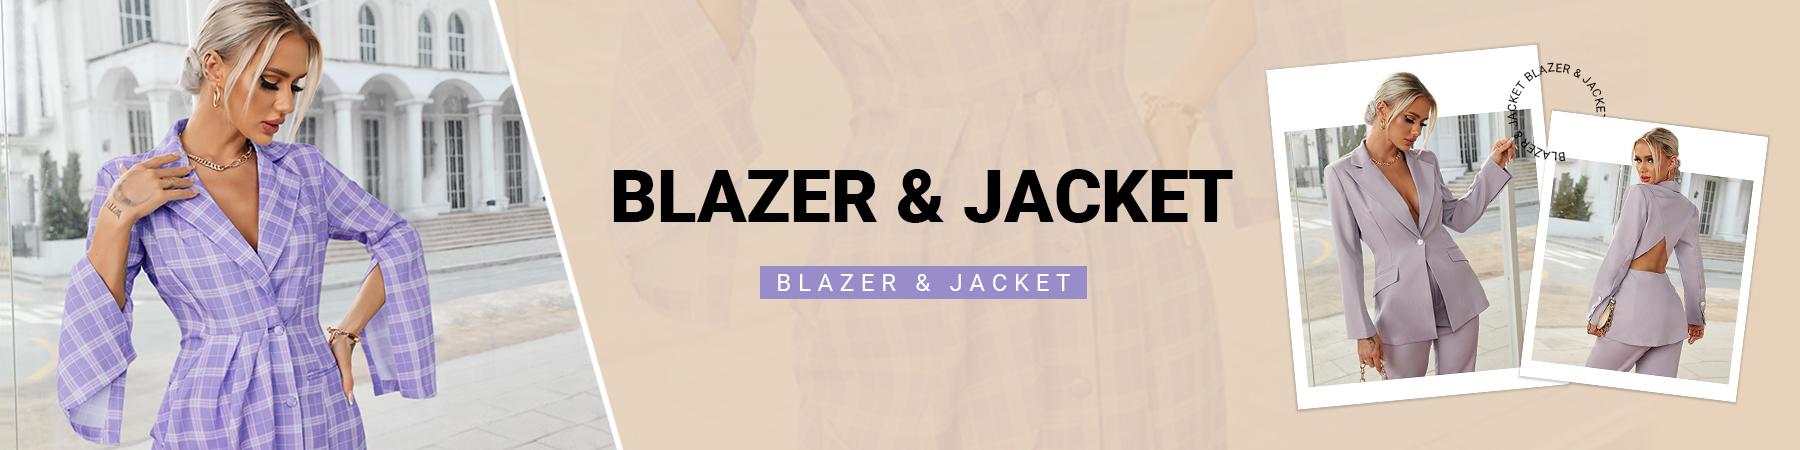 Blazer&Jacket